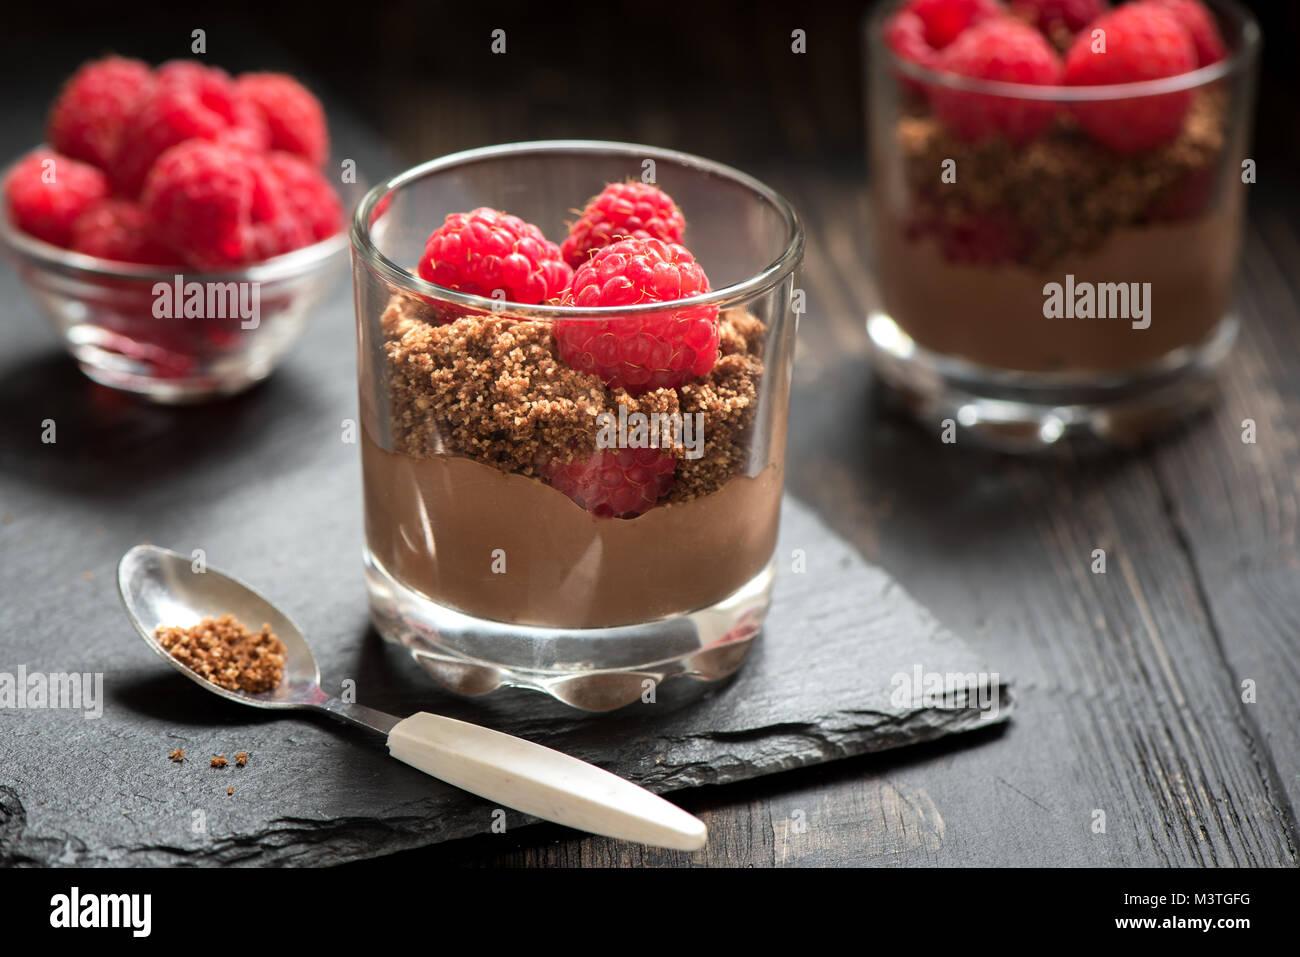 Dessert Schokolade In Gläsern Mit Himbeeren Mousse Au Chocolat Oder